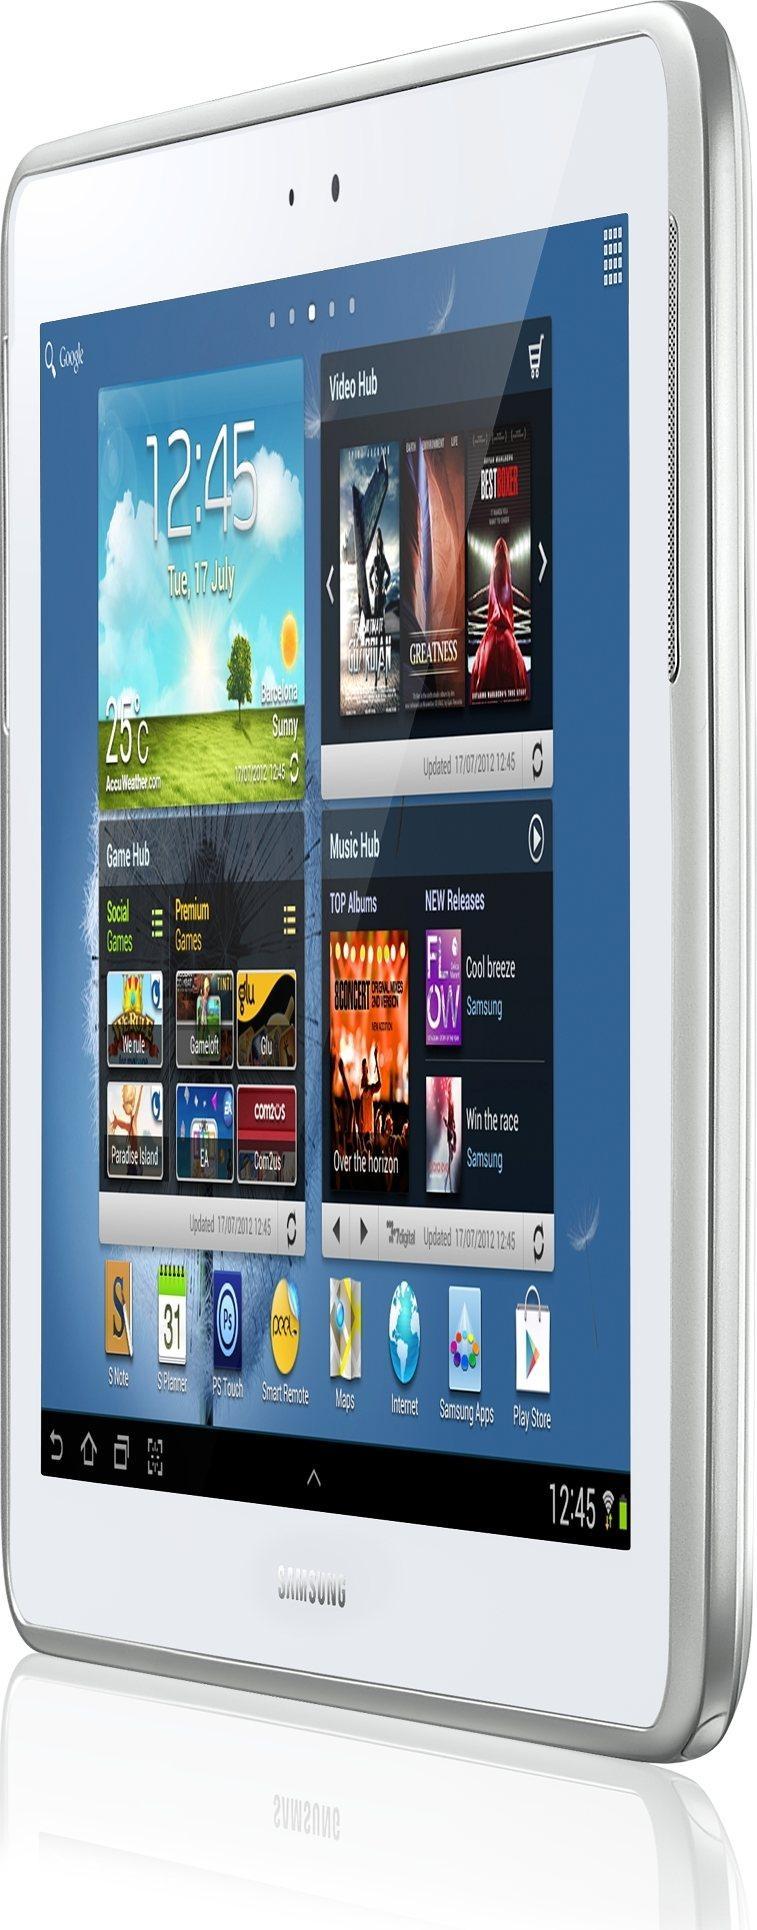 Galaxy Note 10.1 (3G + WiFi) GT-N8000